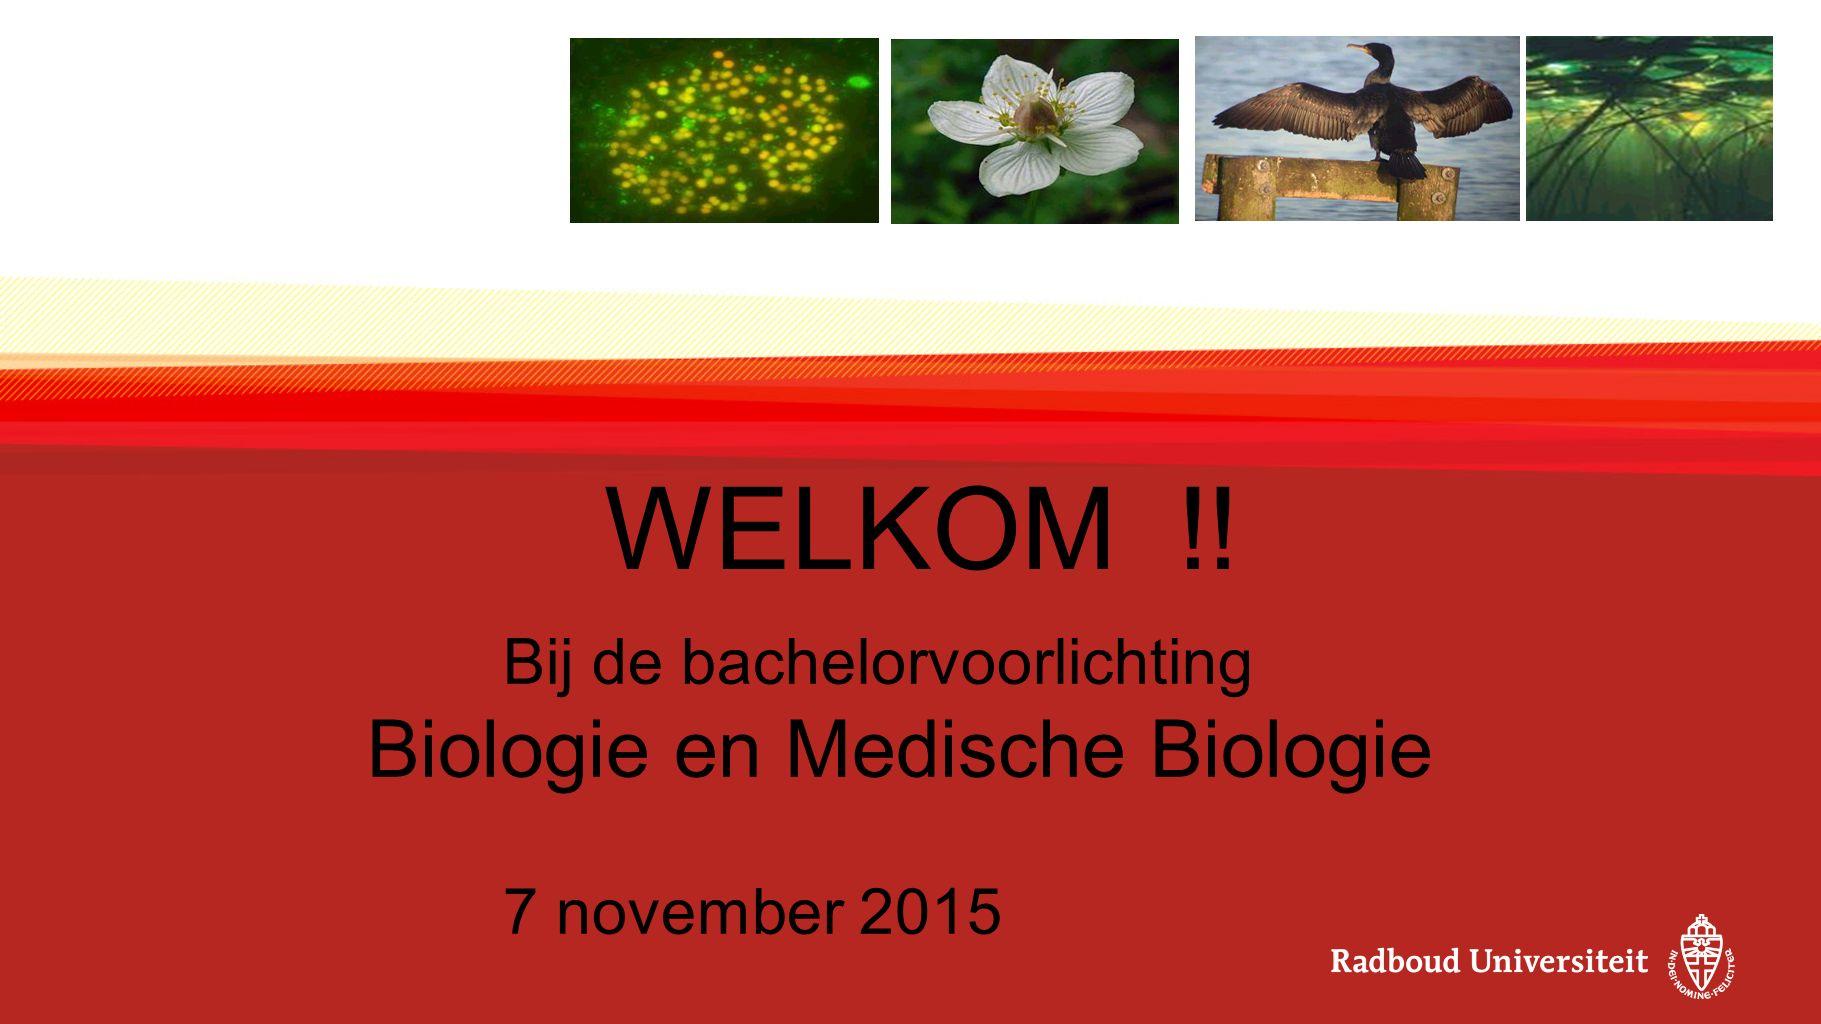 WELKOM !! Bij de bachelorvoorlichting Biologie en Medische Biologie 7 november 2015